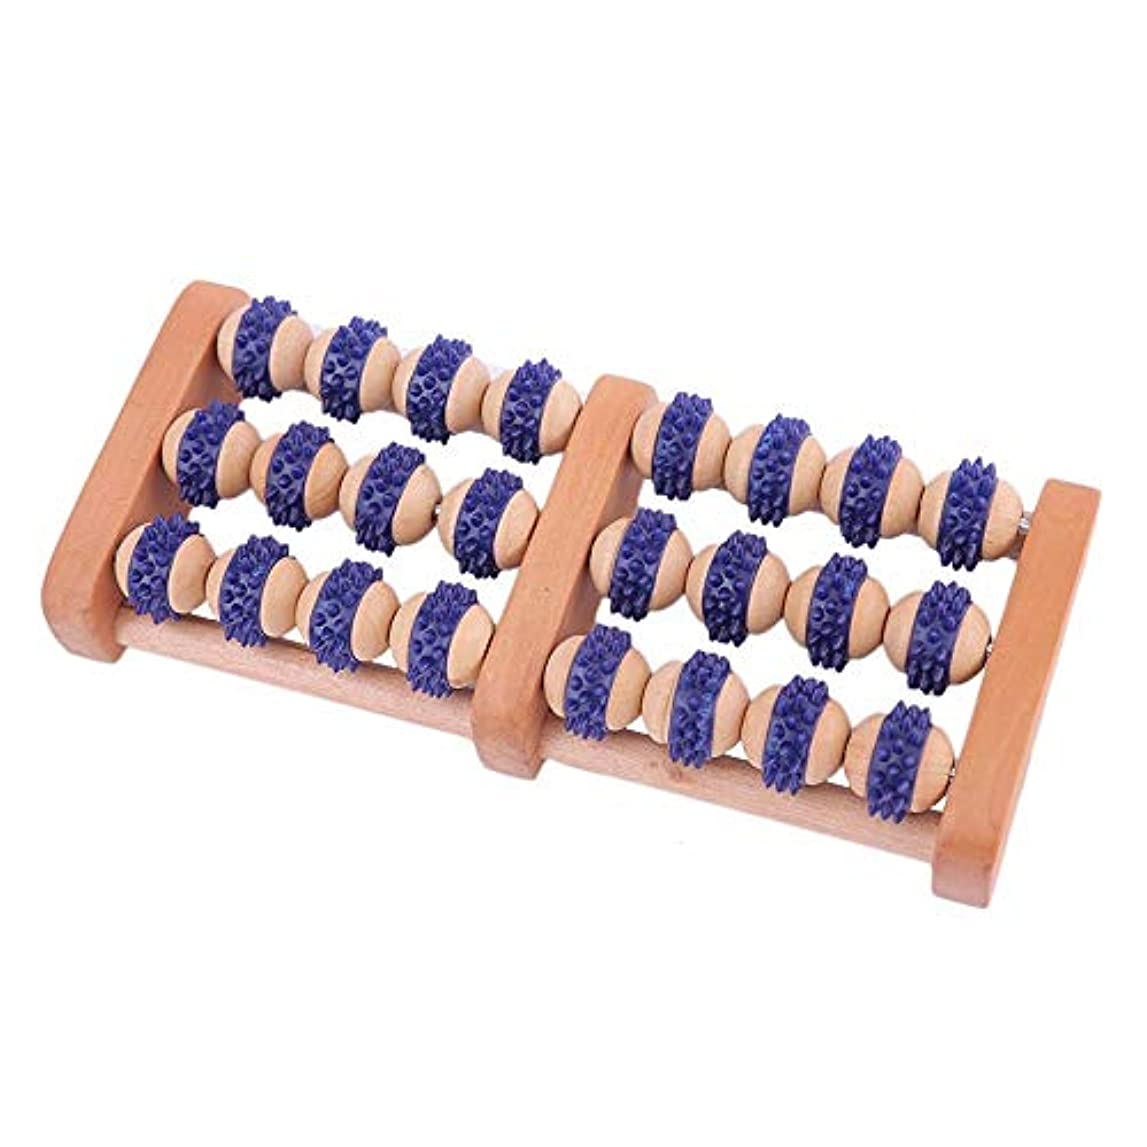 襟電卓連邦足裏マッサージローラー 使用するのに適してマニュアルフットマッサージャー木製フットマッサージローラーポータブルデュアルマッサージローラー旅行やテレビを見ているとき 軽量で使いやすく、足の痛みを和らげます (Color :...